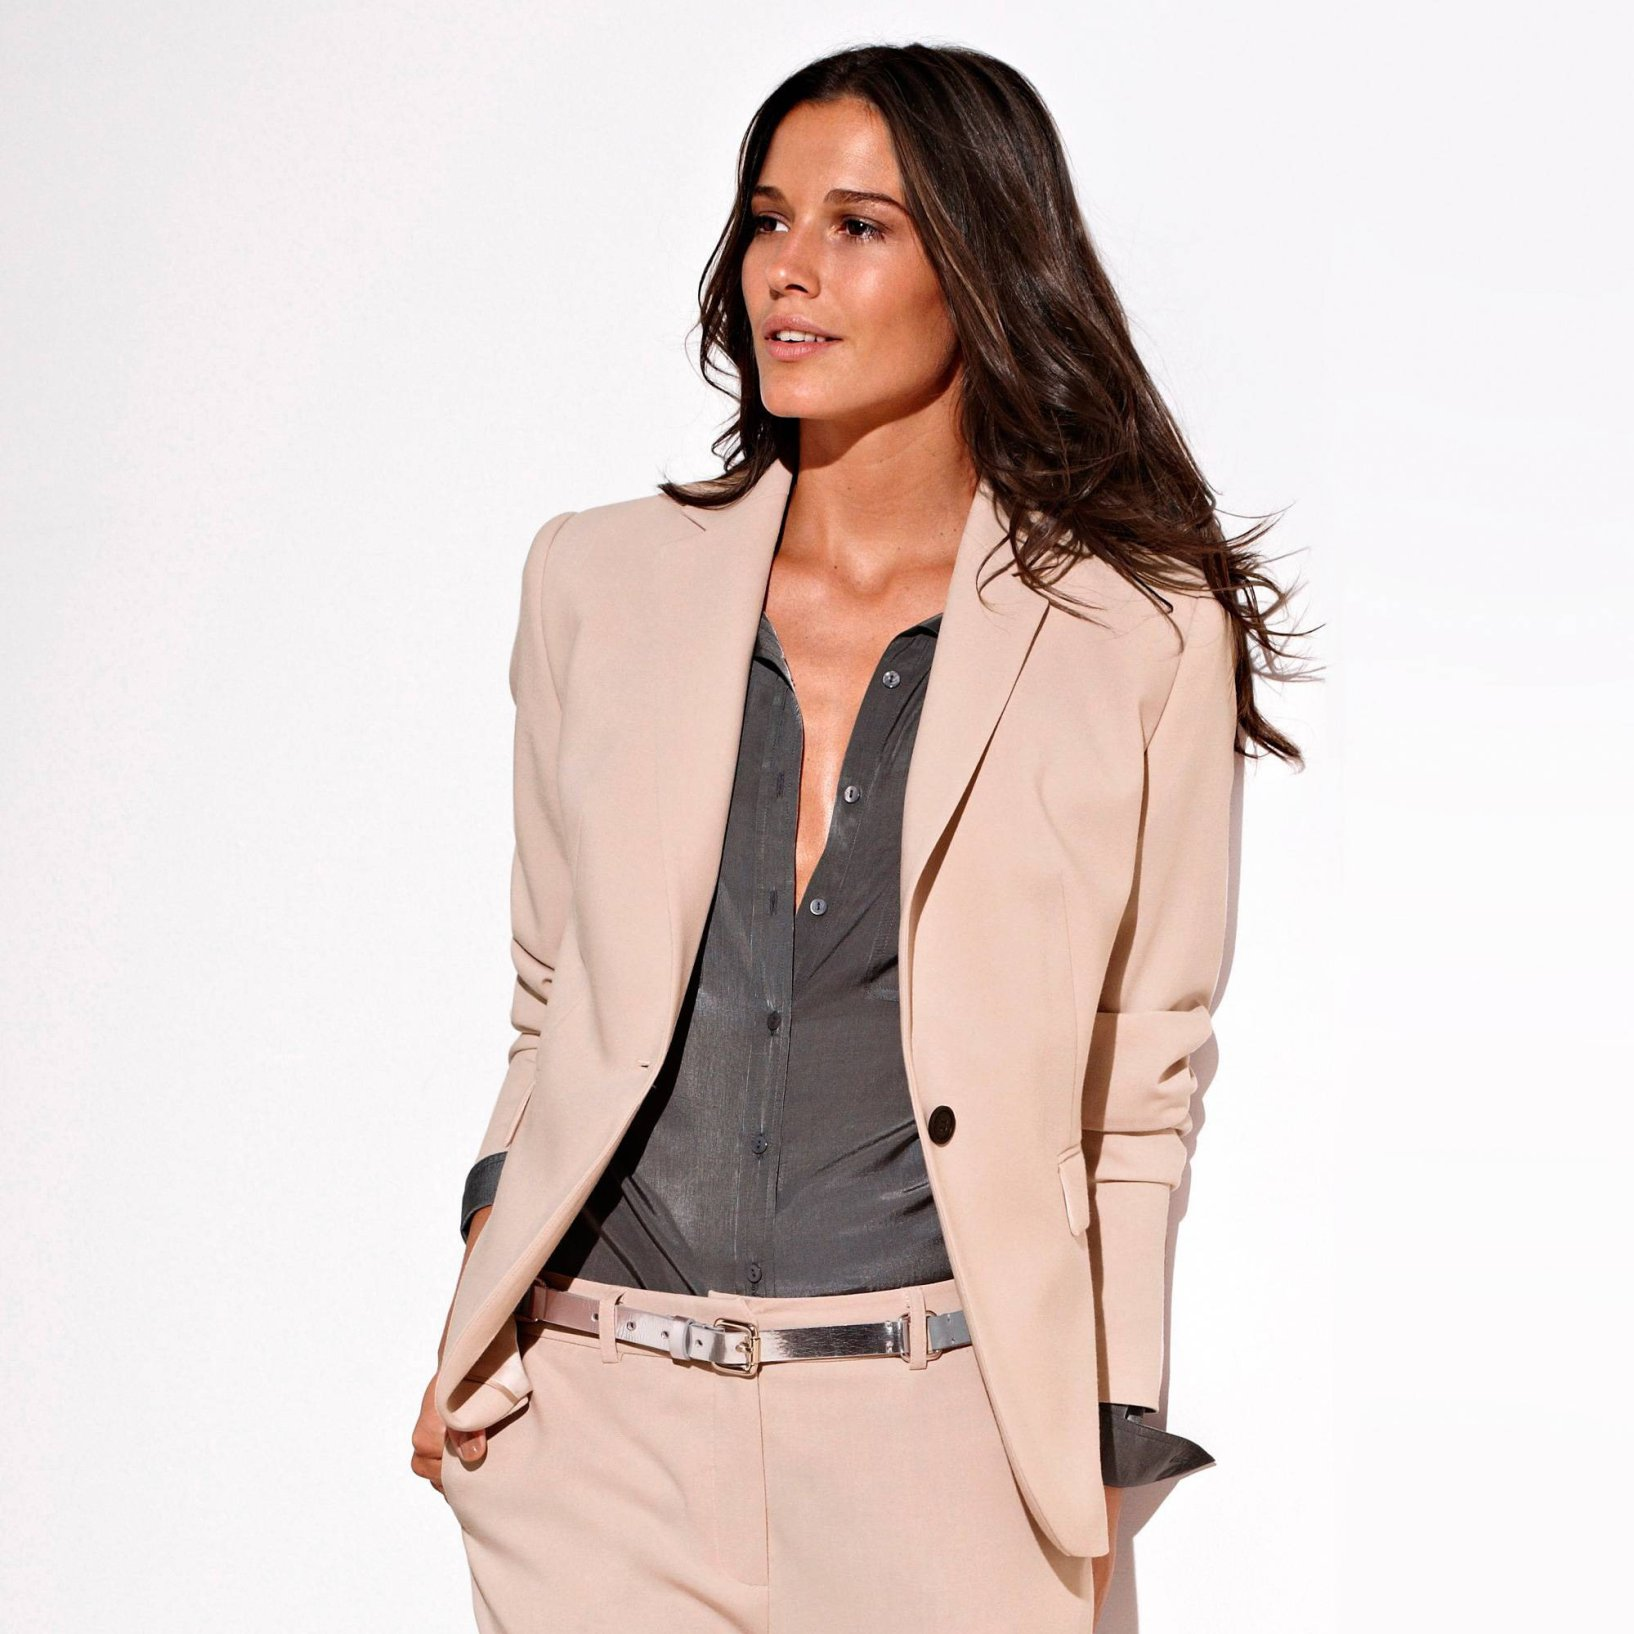 Find great deals on eBay for veste femme. Shop with confidence.